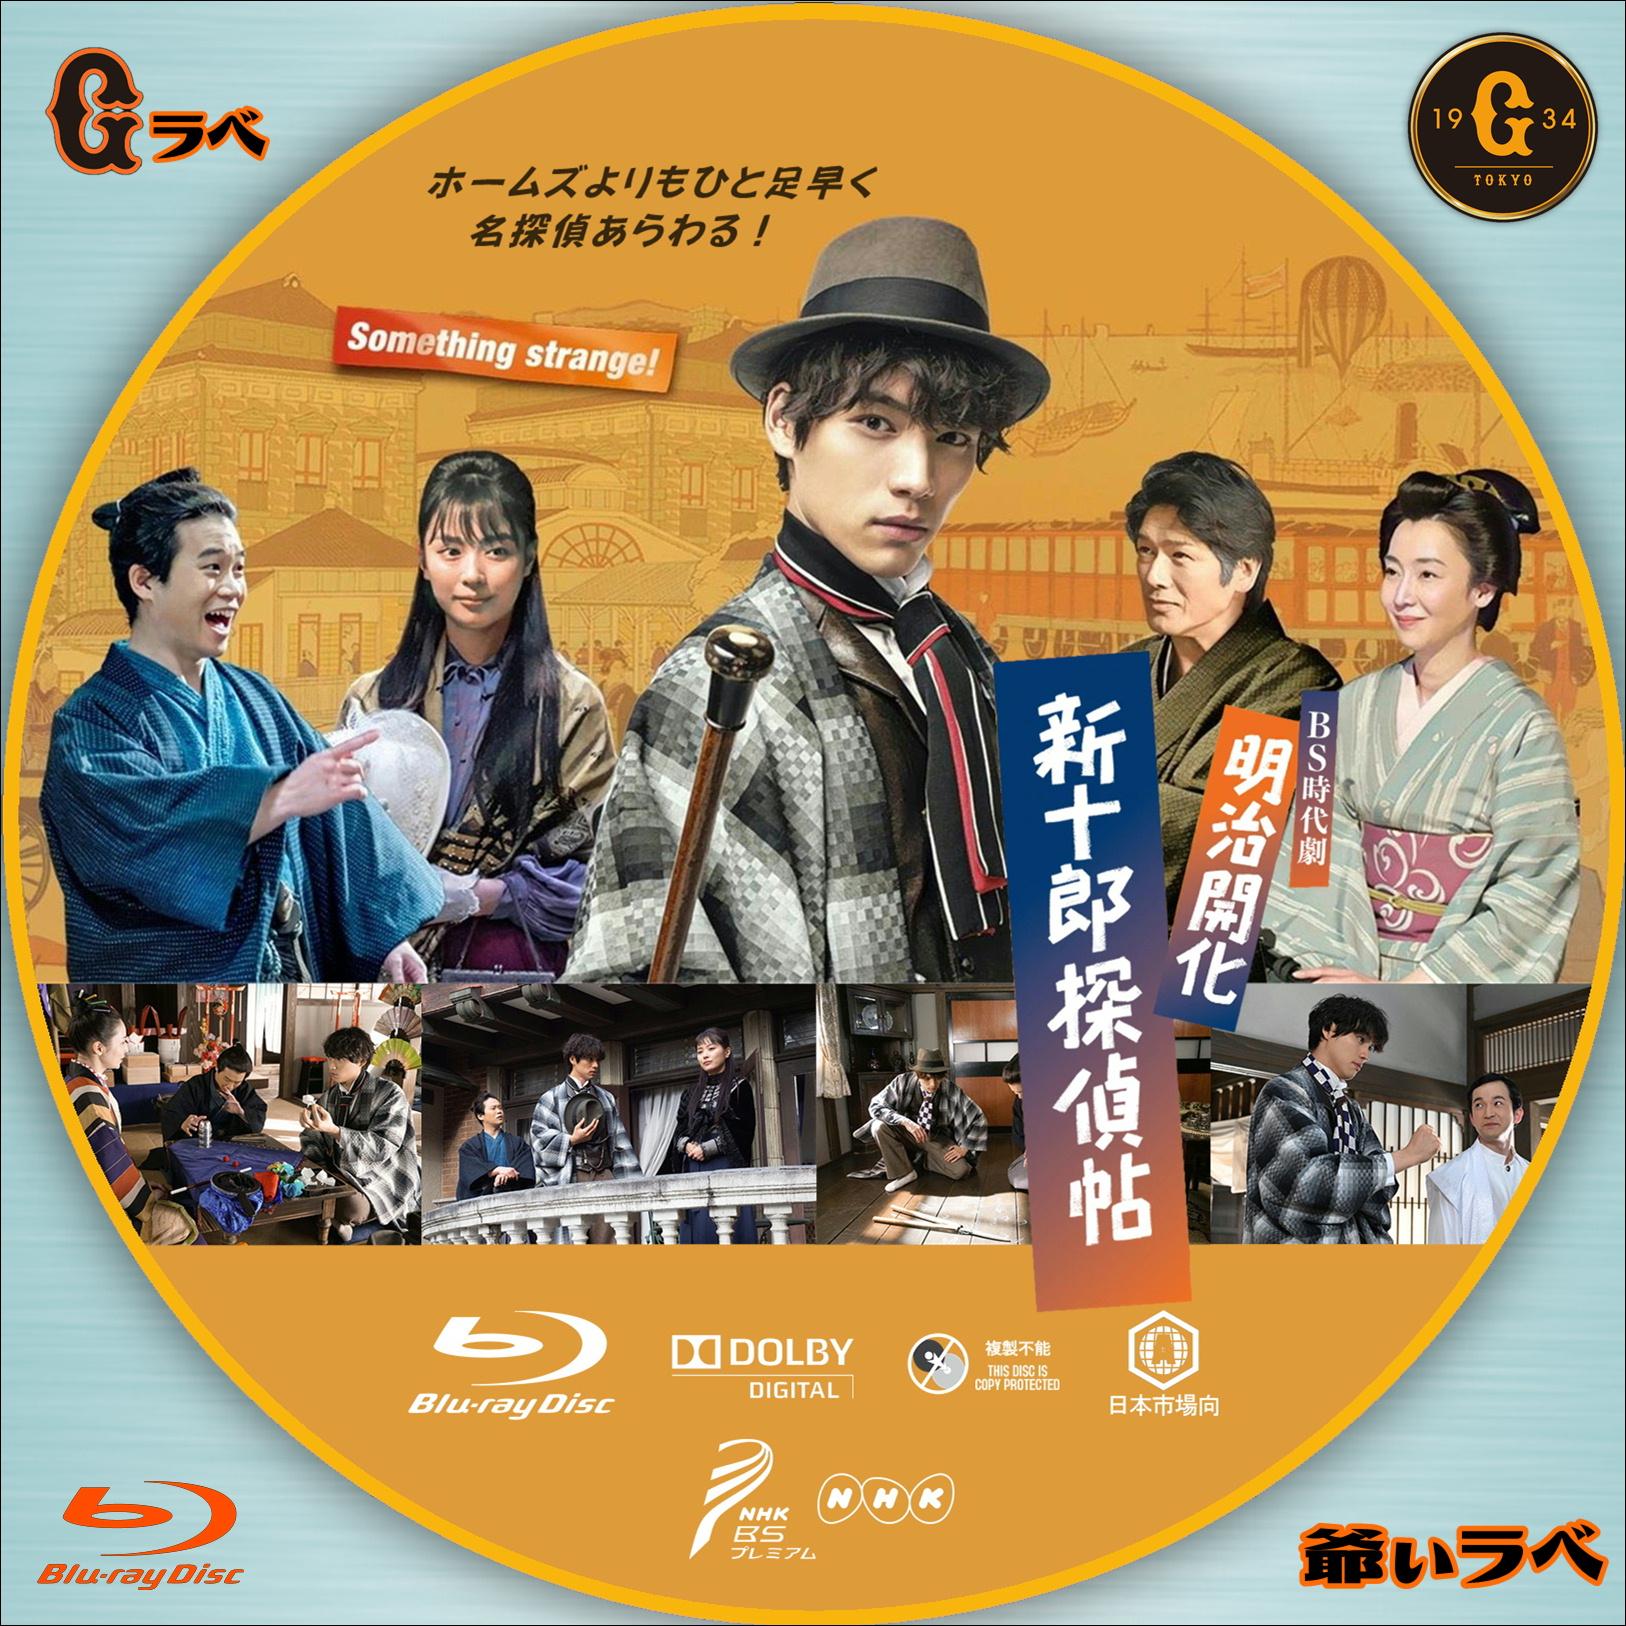 NHK 明治開化 新十郎探偵帖(Blu-ray)